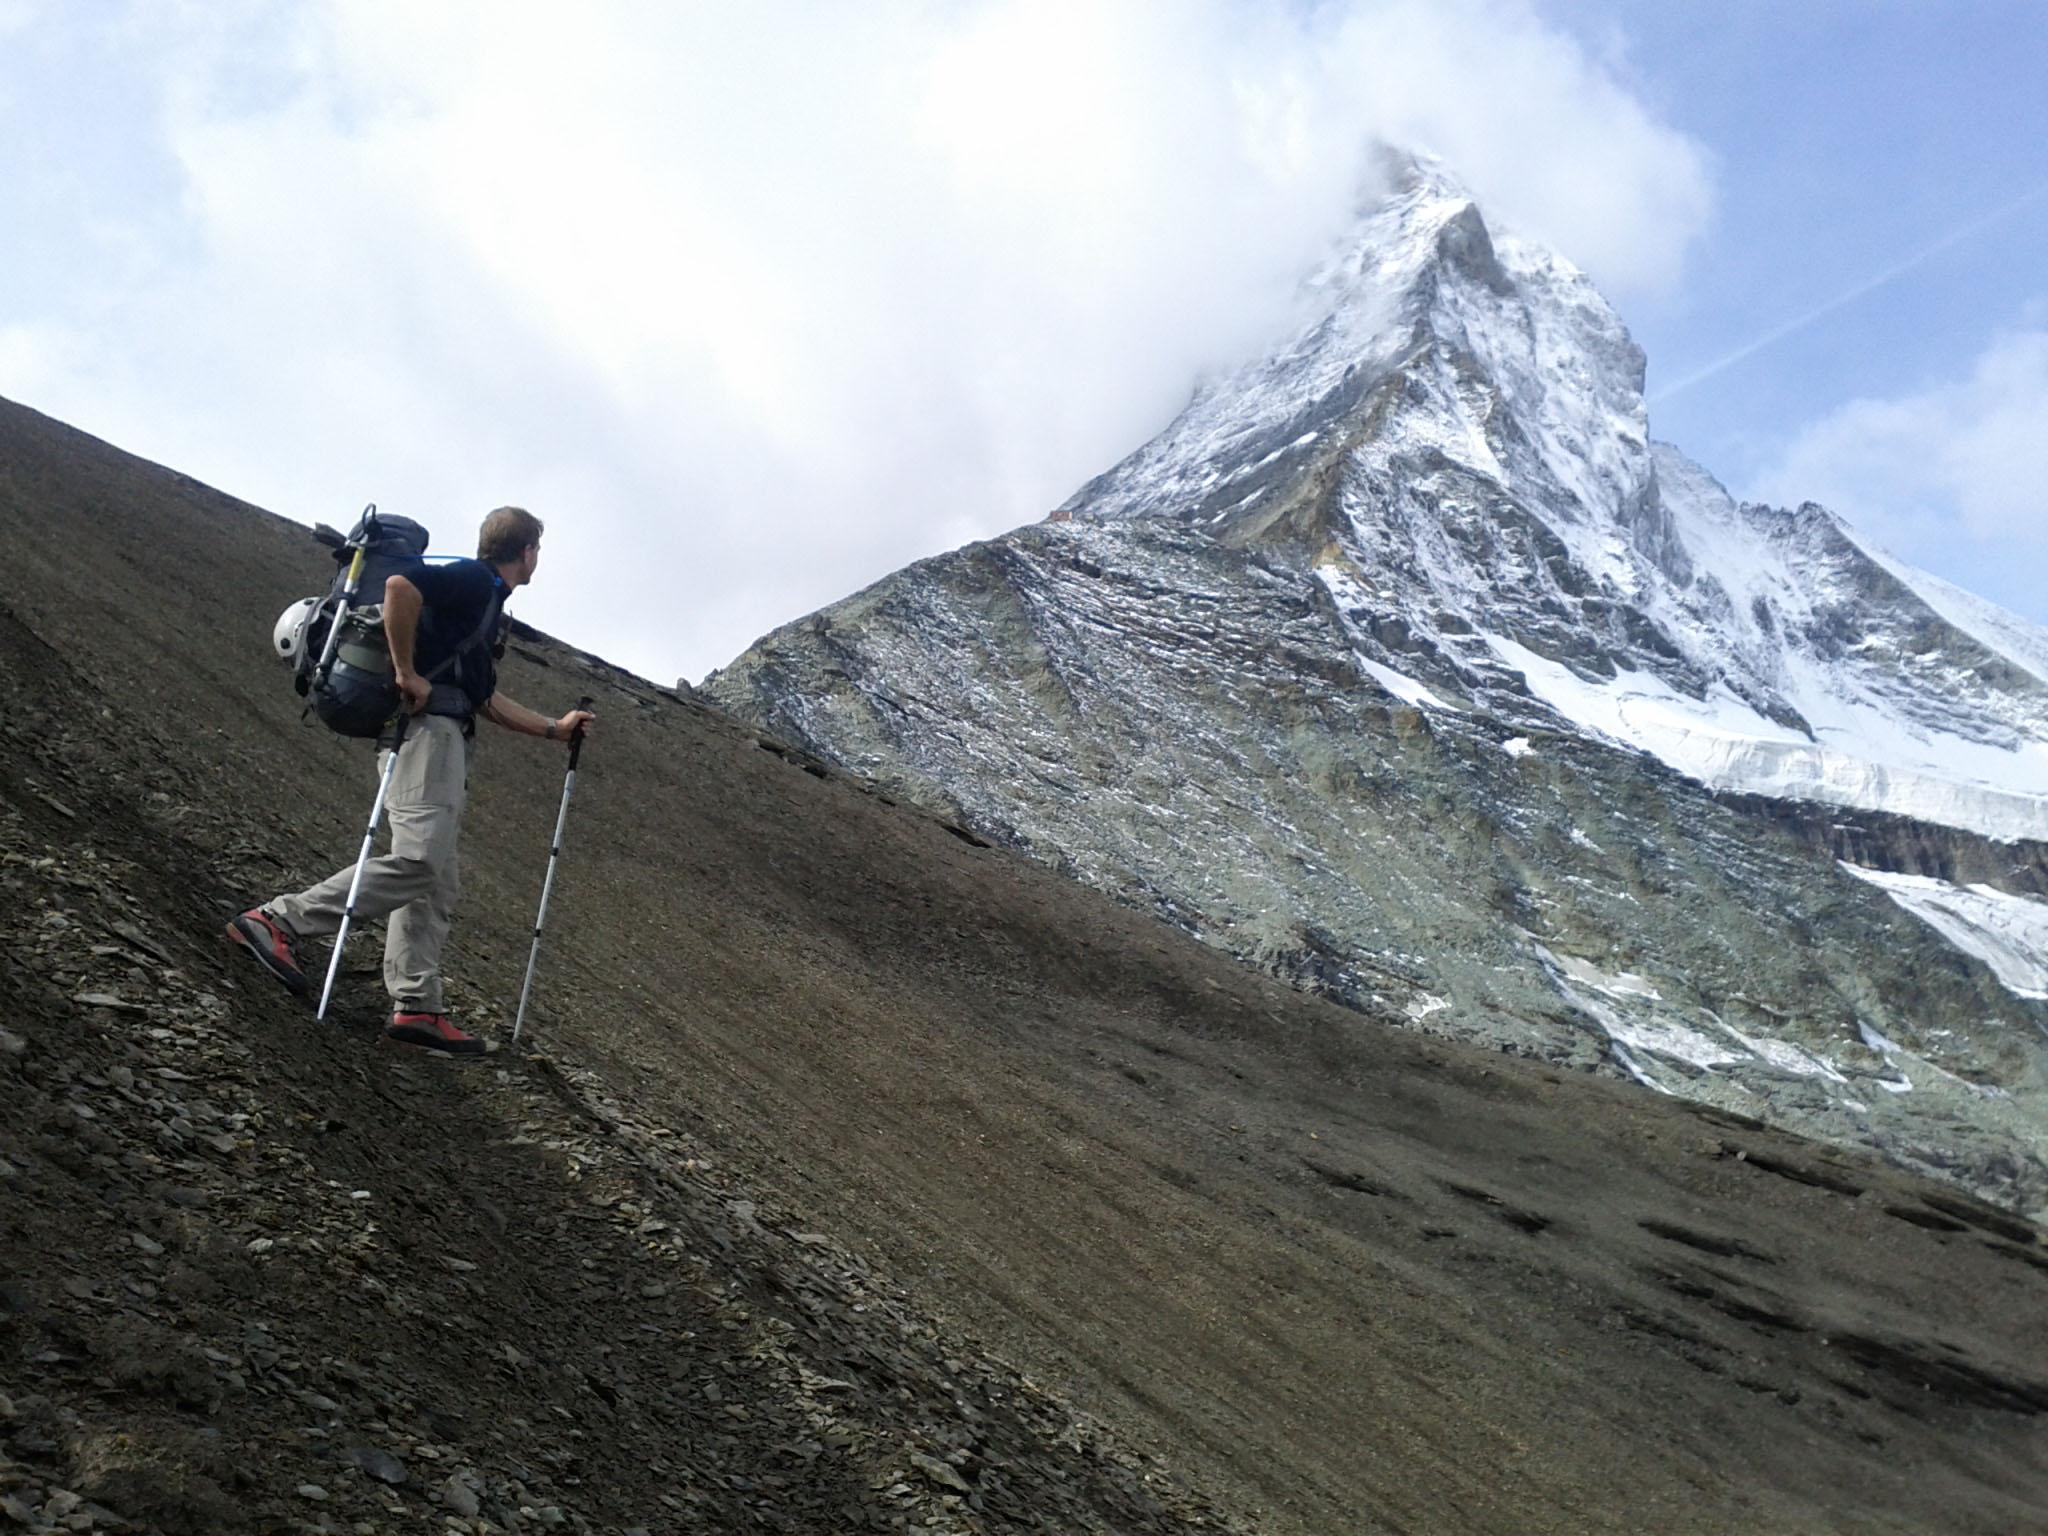 """1 de setembro de 2011: """"Vista do Matterhorn de baixo, a montanha que gostaríamos hoje de ter escalado."""""""